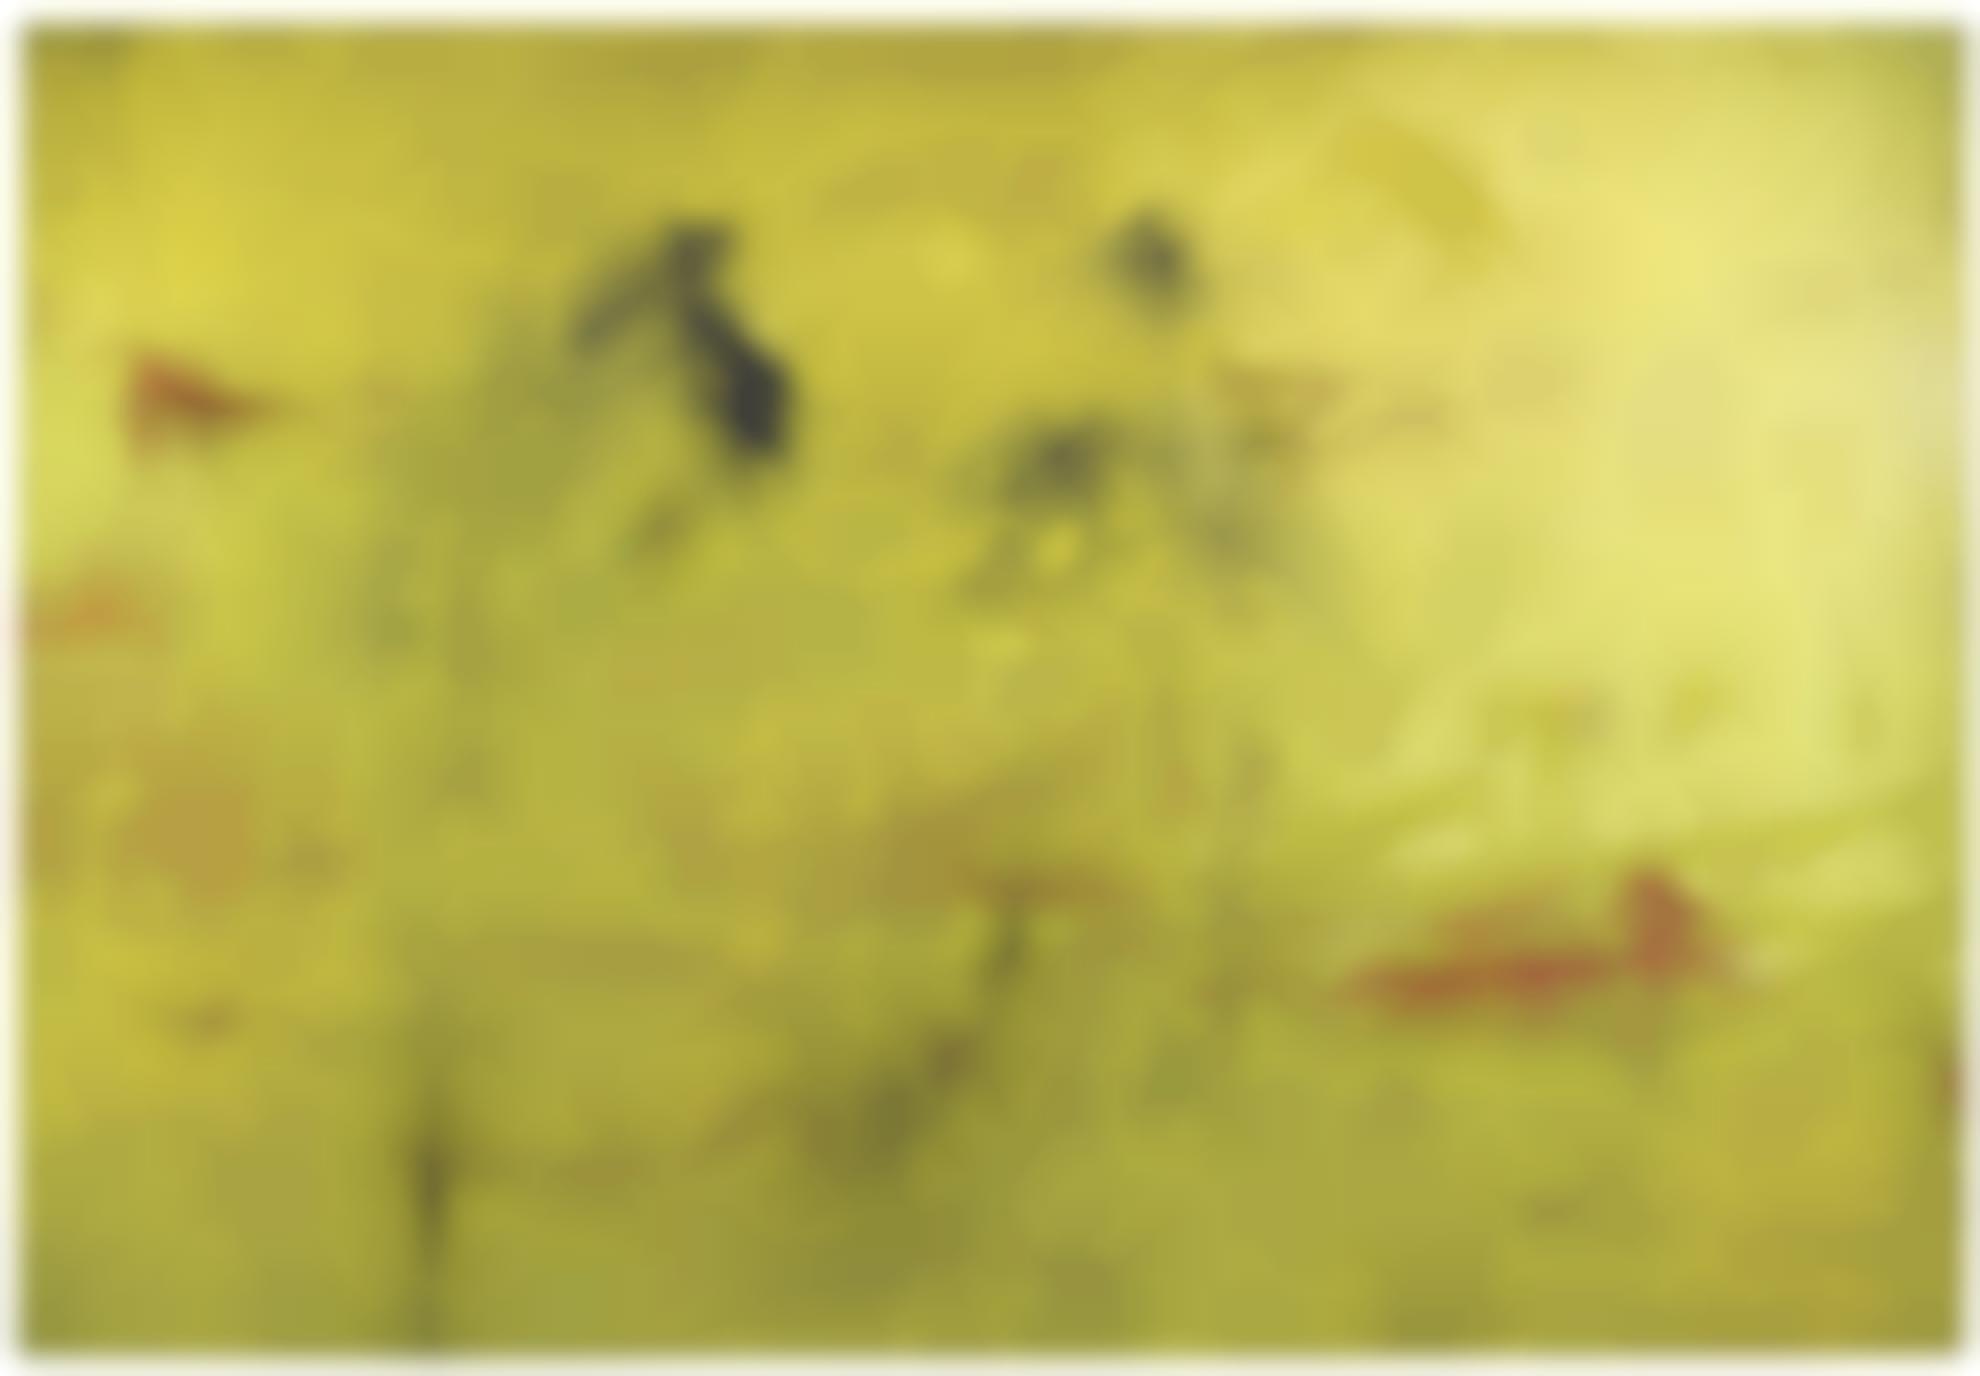 Hubert Scheibl-Yellow - Run-2010